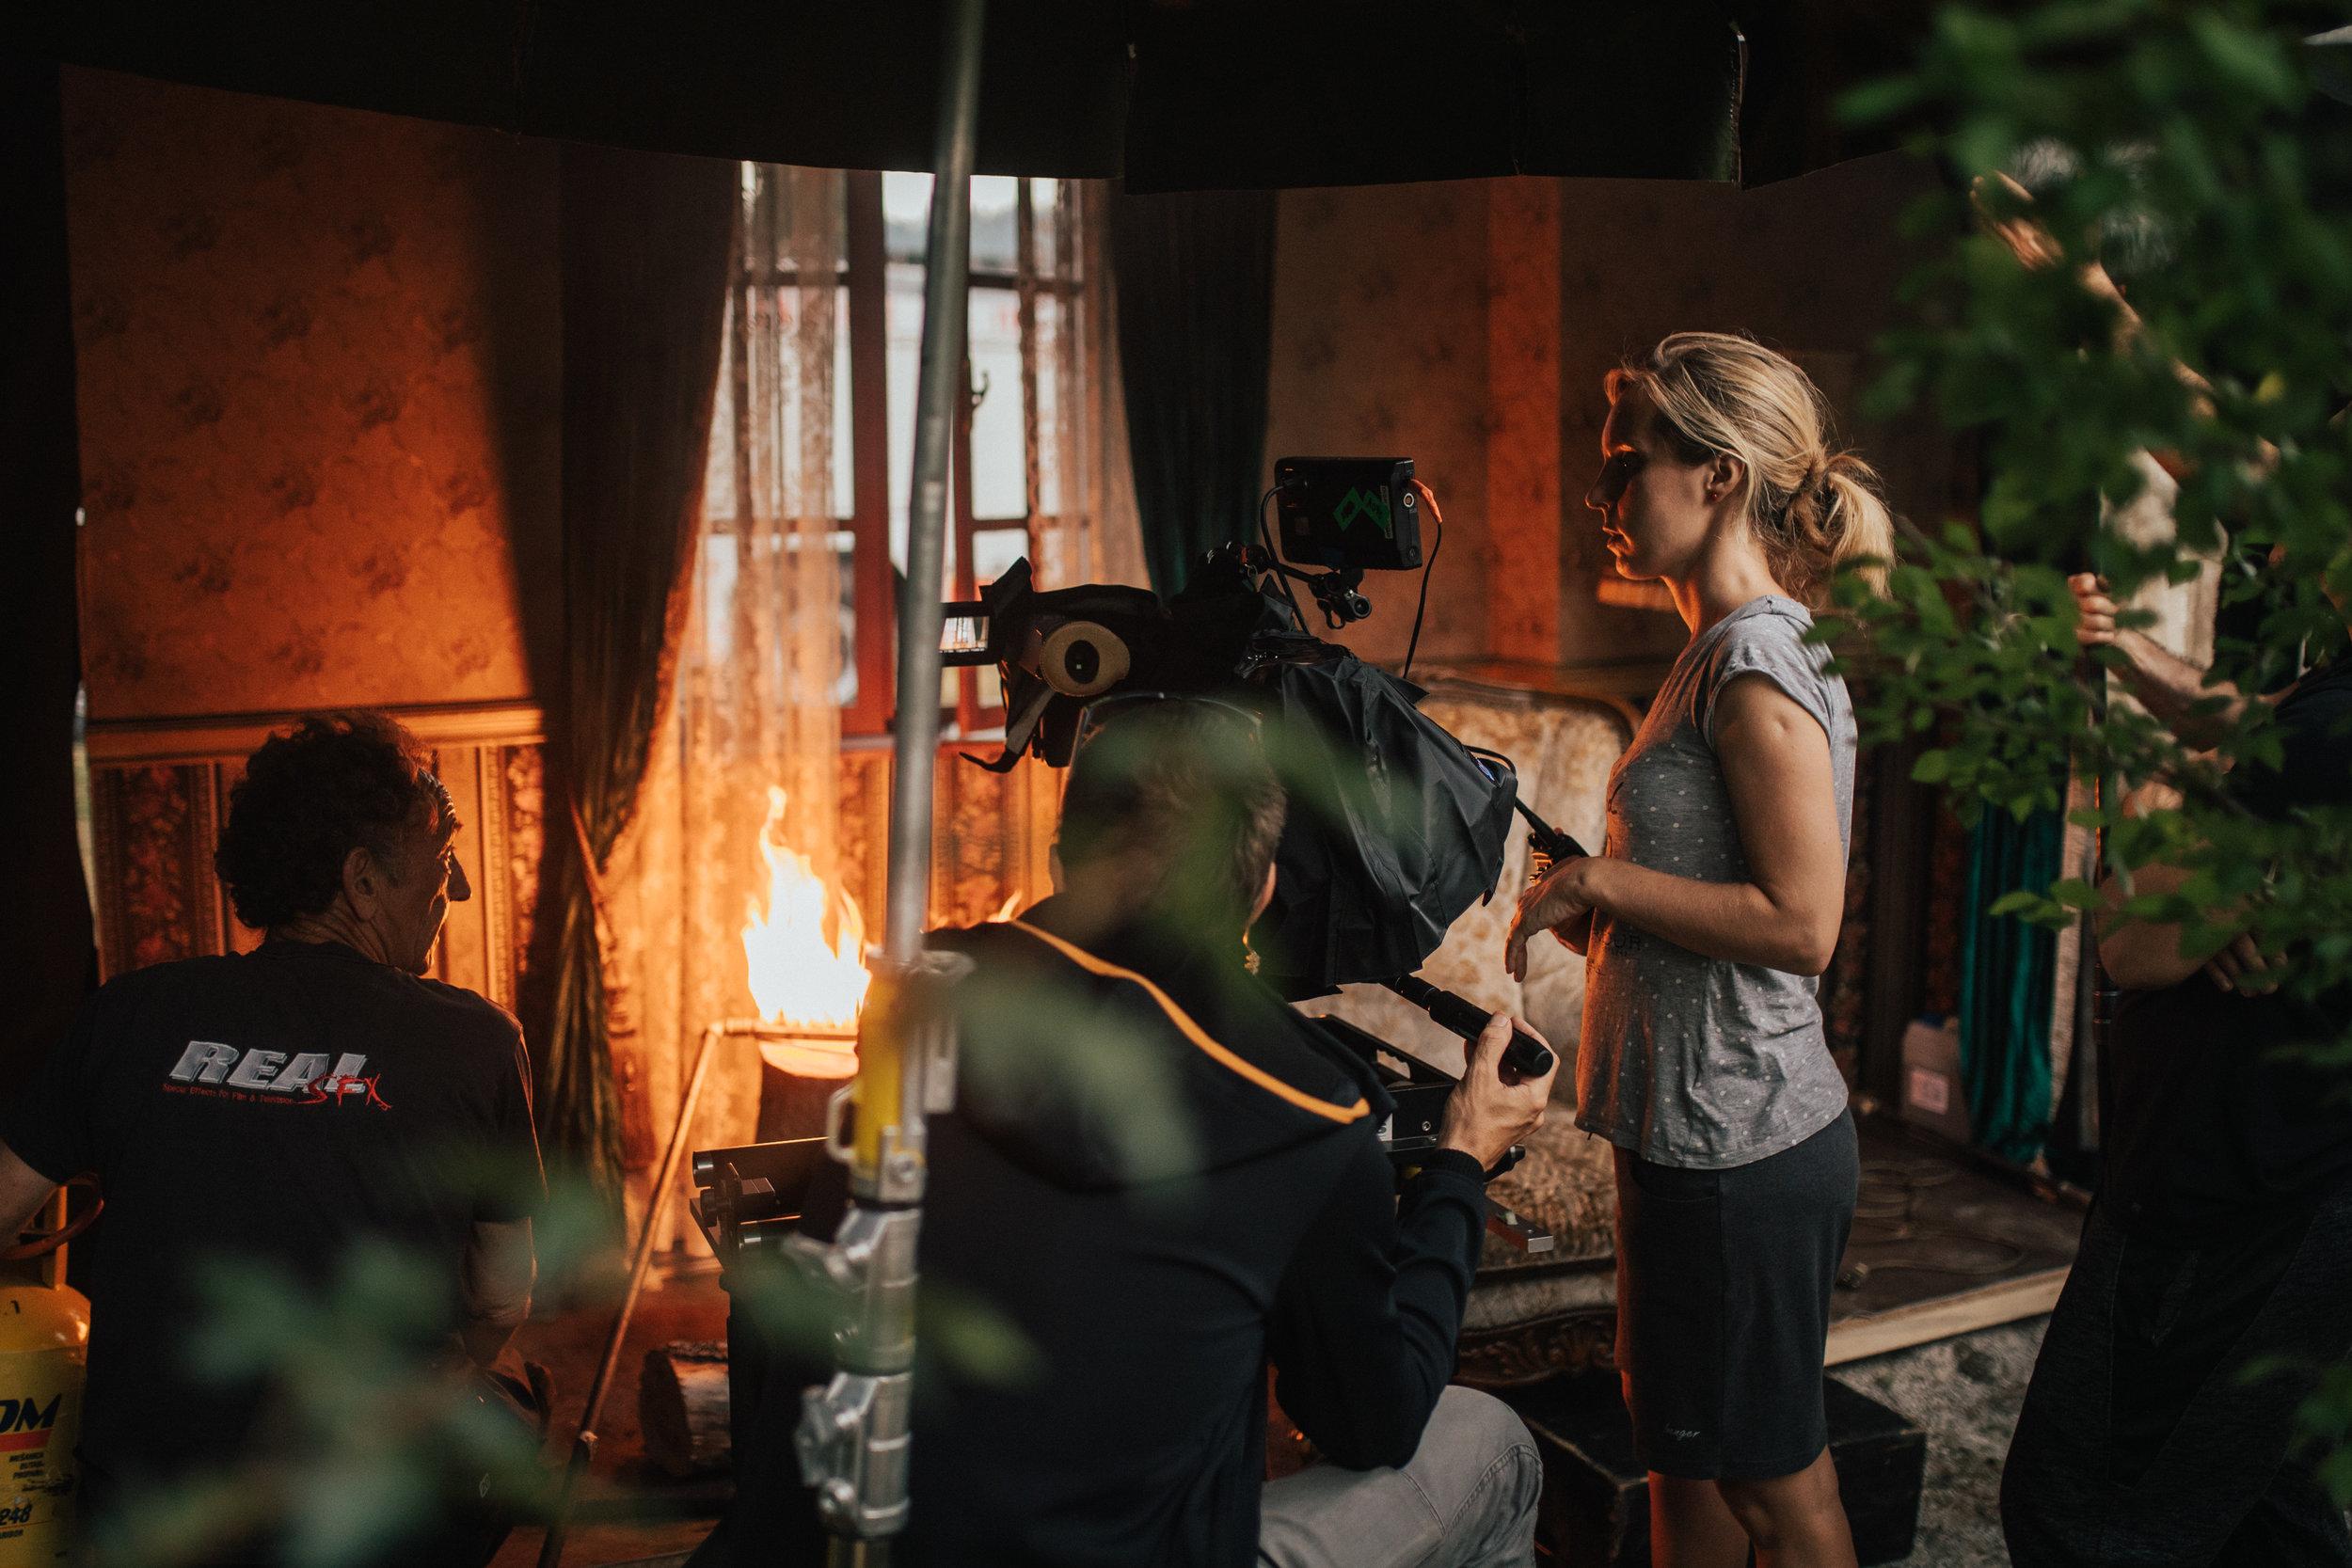 'Reka ljubezni' season 3 (2018)    Production: Perfo    Director: Maja Prettner    DOP: Maks Susnik    In frame: DOP Maks Susnik, director Maja Prettner